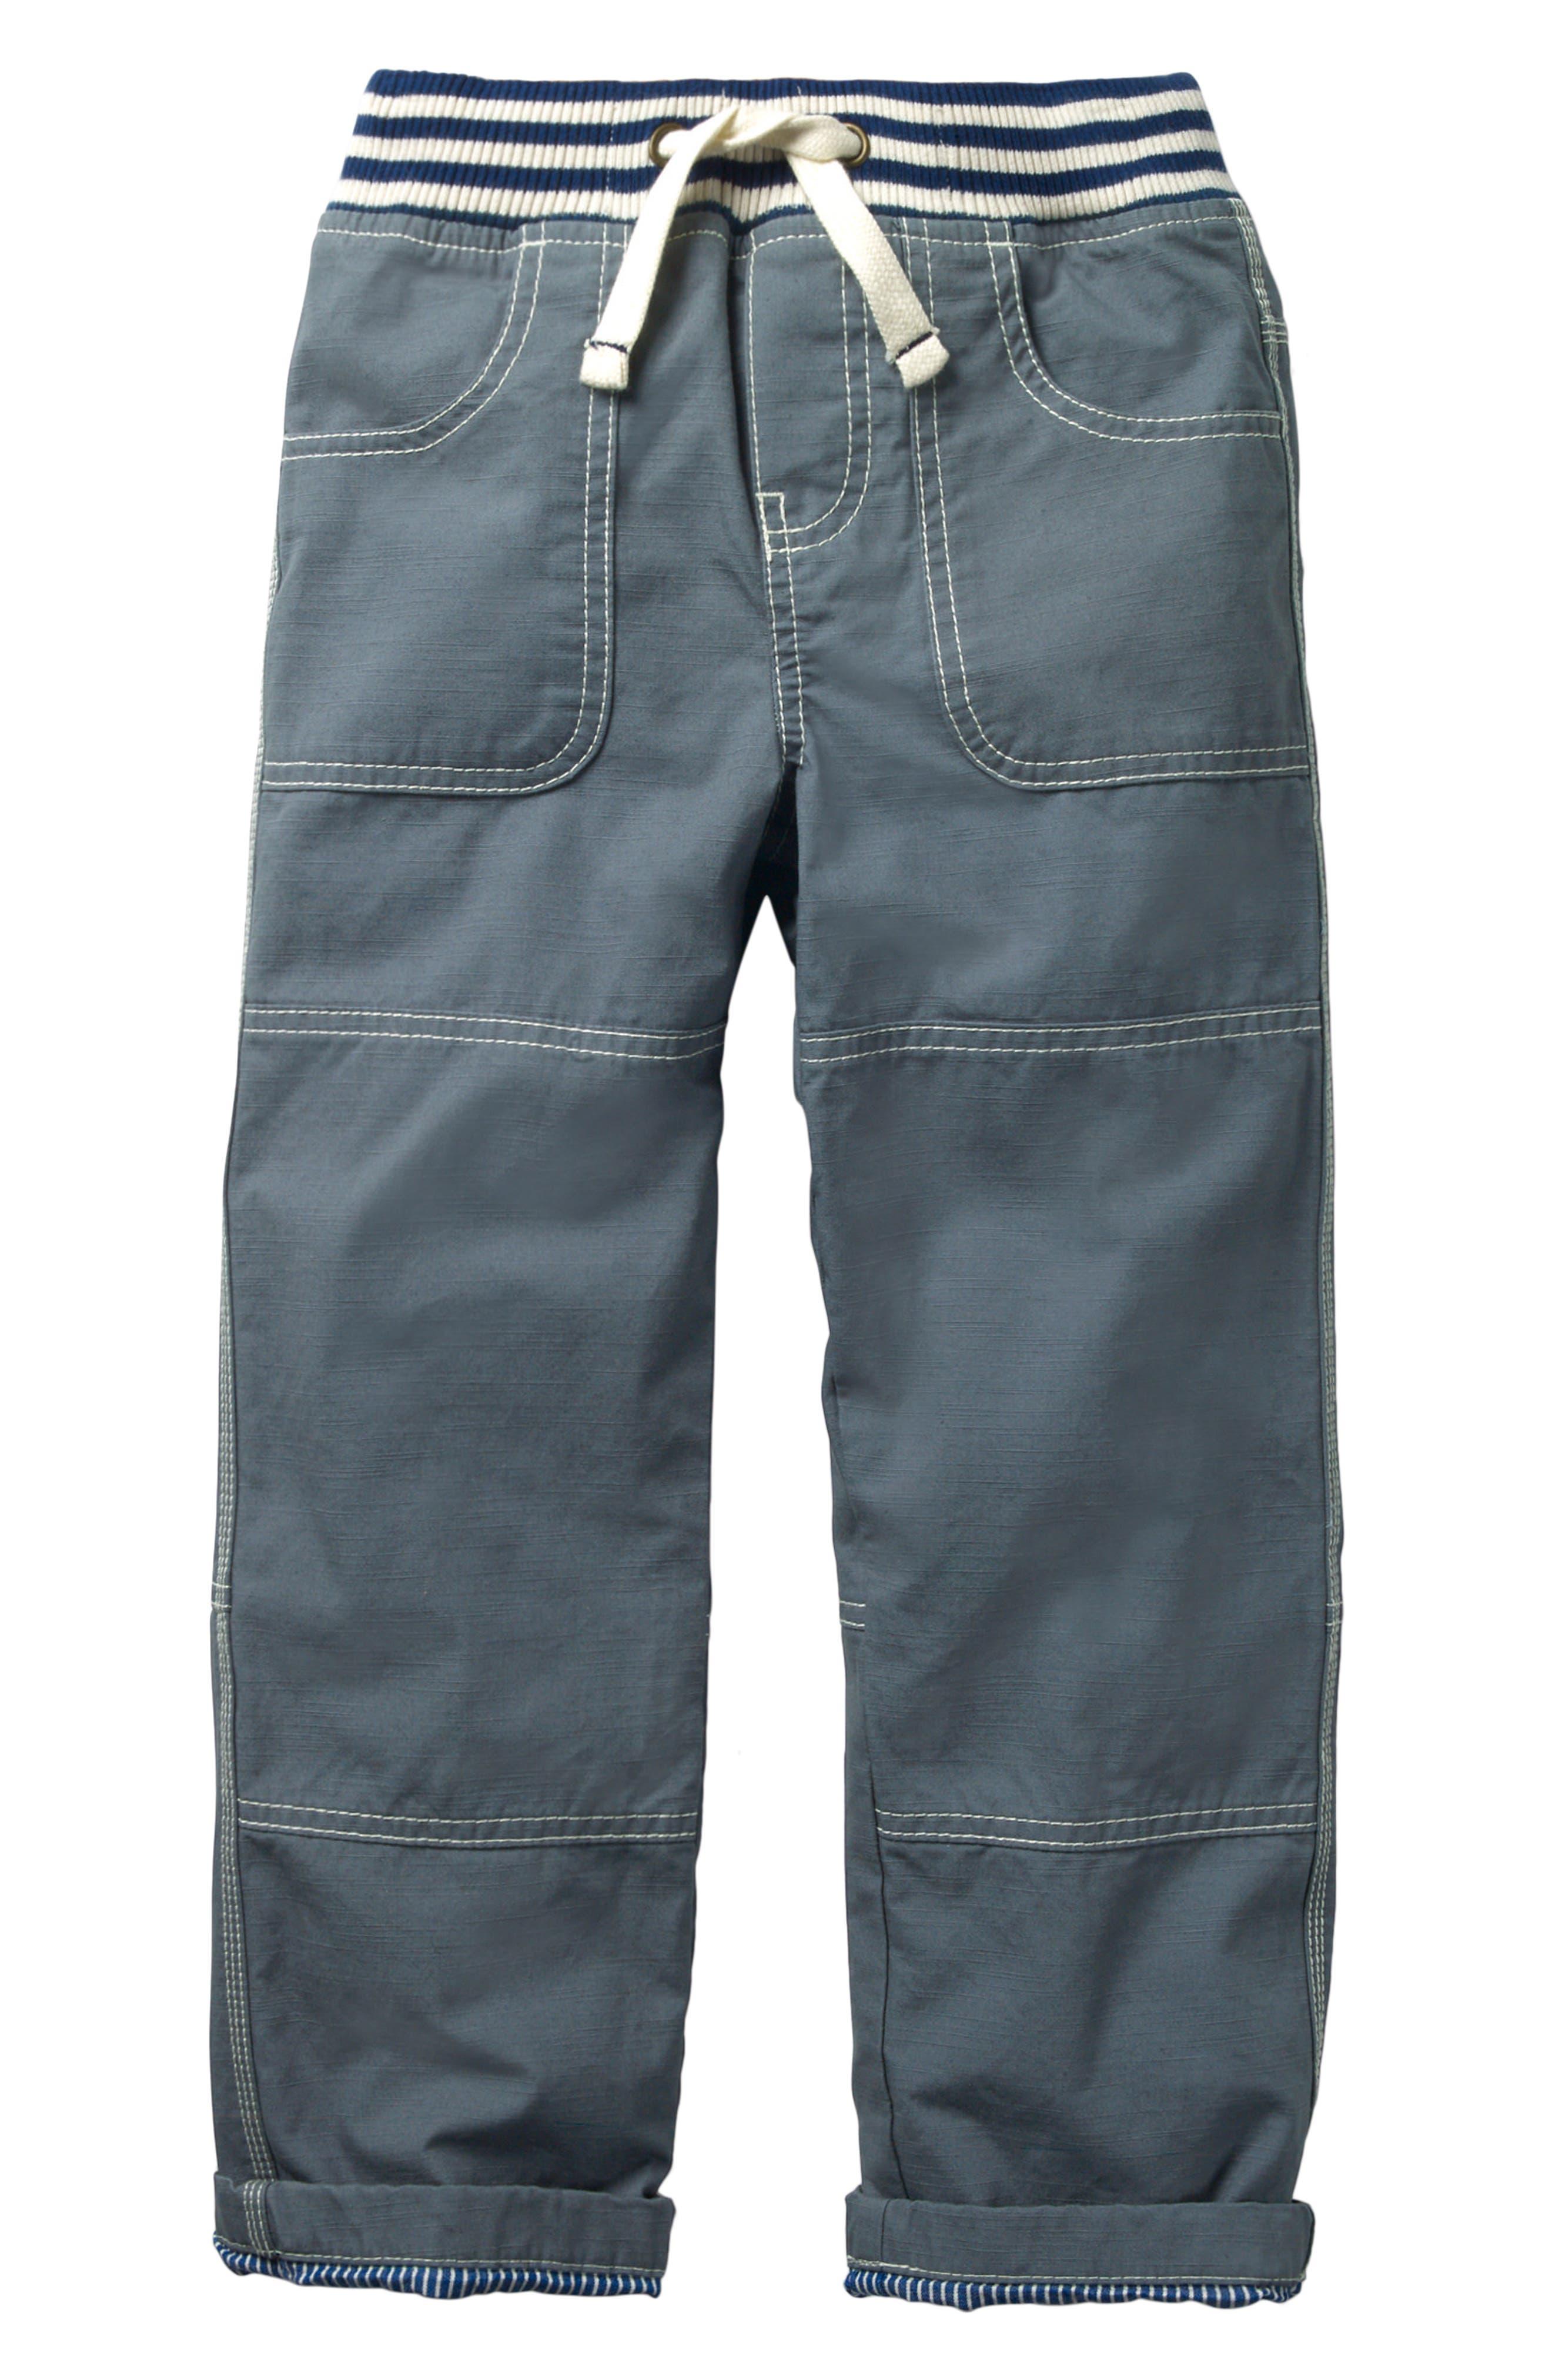 Lined Mariner Pants,                             Main thumbnail 1, color,                             Cobble Grey